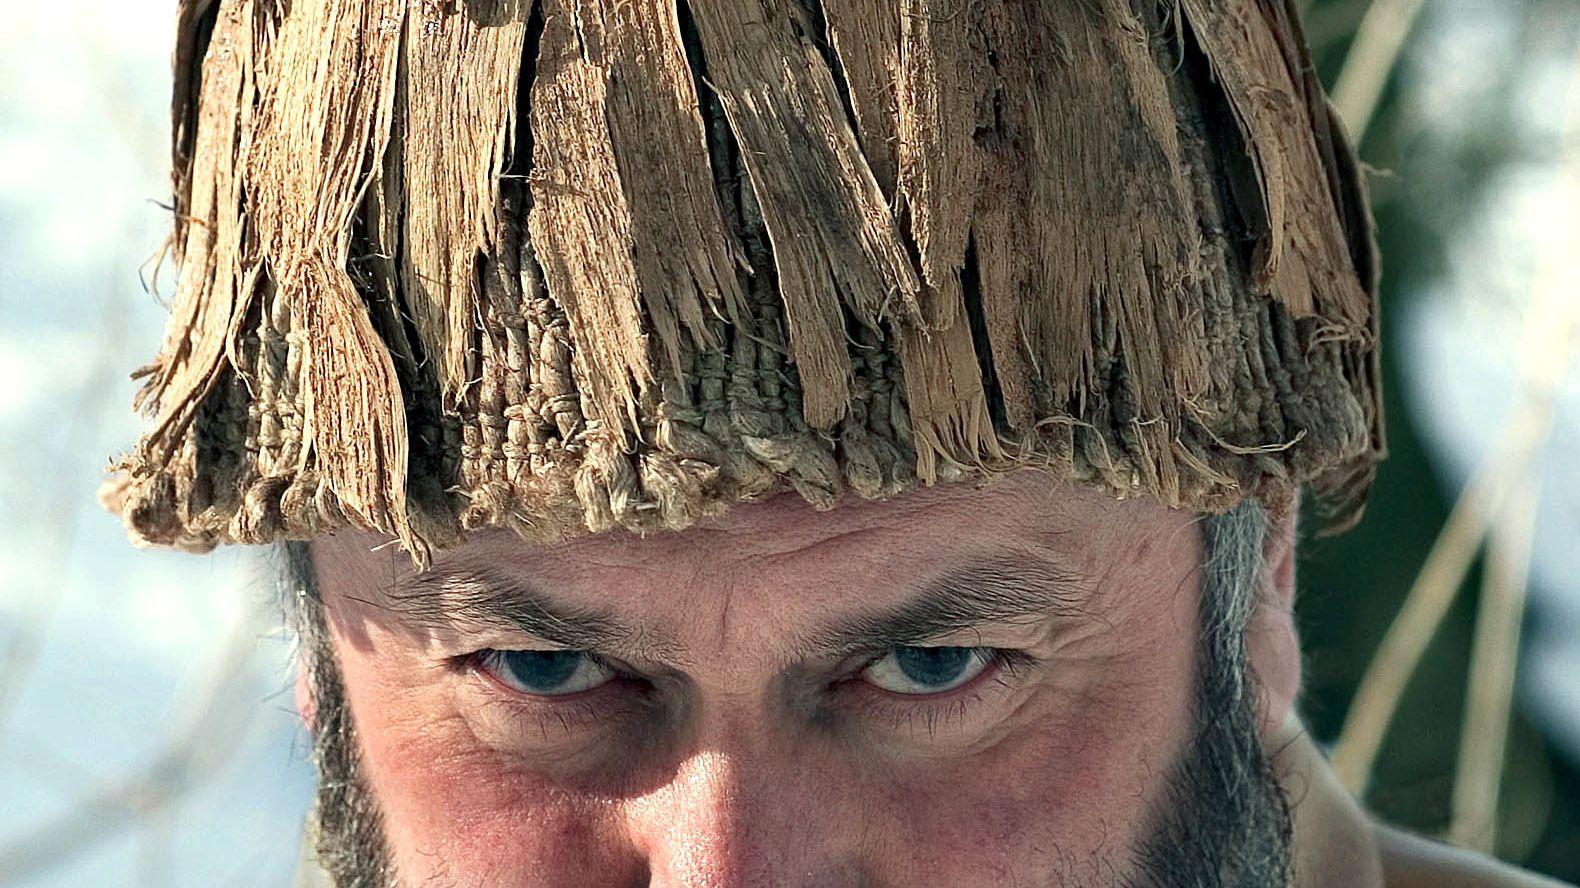 Die Nachbildung der ältesten Kopfbedeckung, die in Bayern gefunden wurde.  Das 5500 Jahre alte Original wurde bei Pestenacker gefunden.